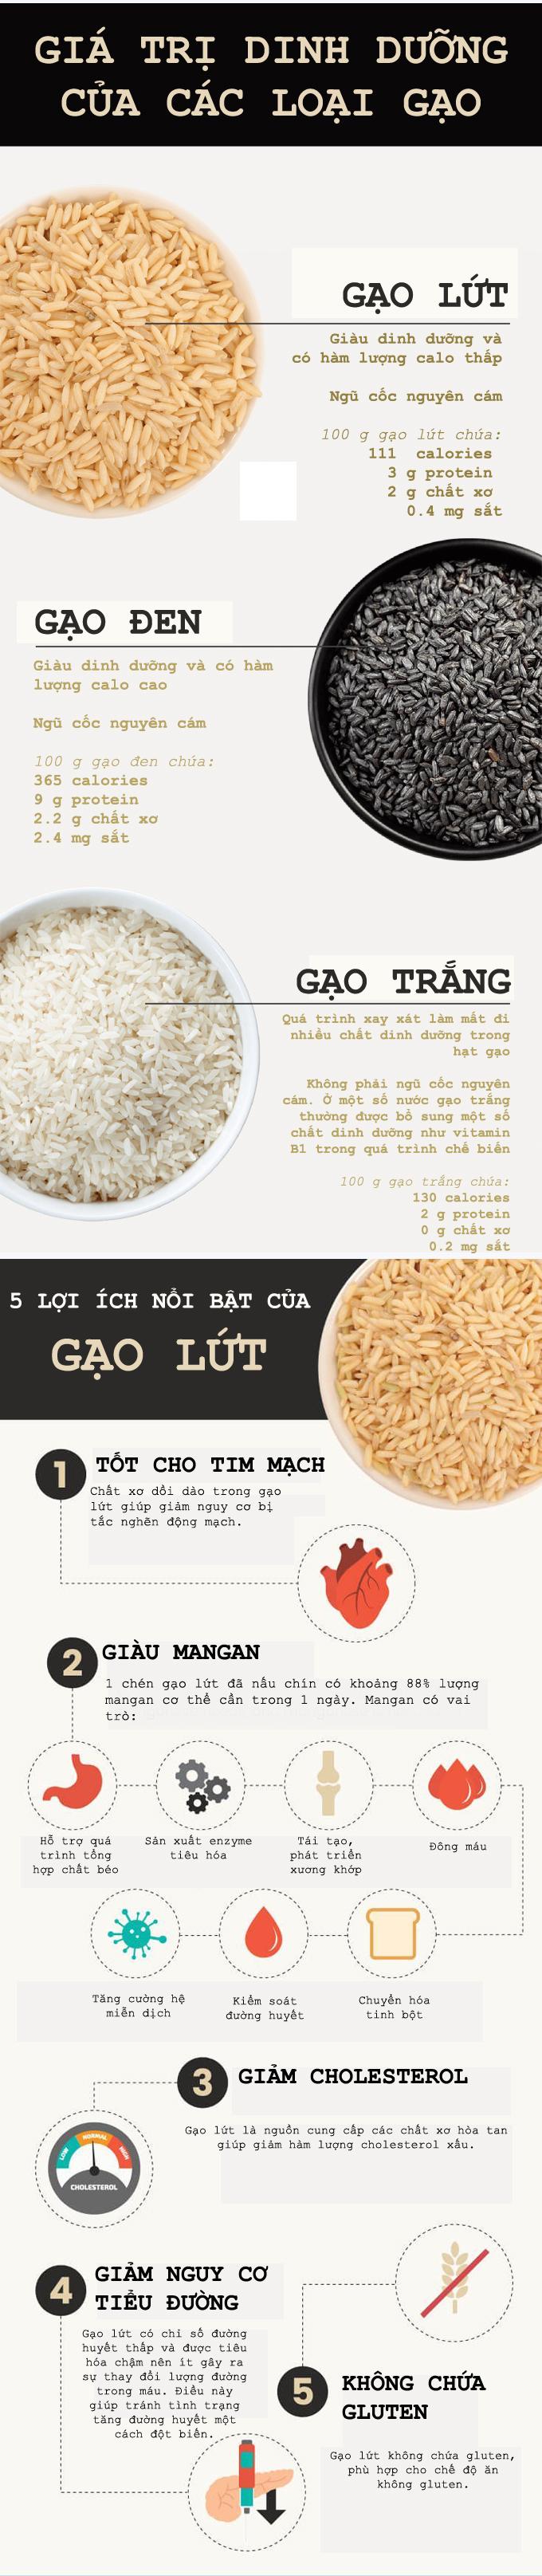 Lý do gạo lứt thường có trong chế độ ăn giảm cân